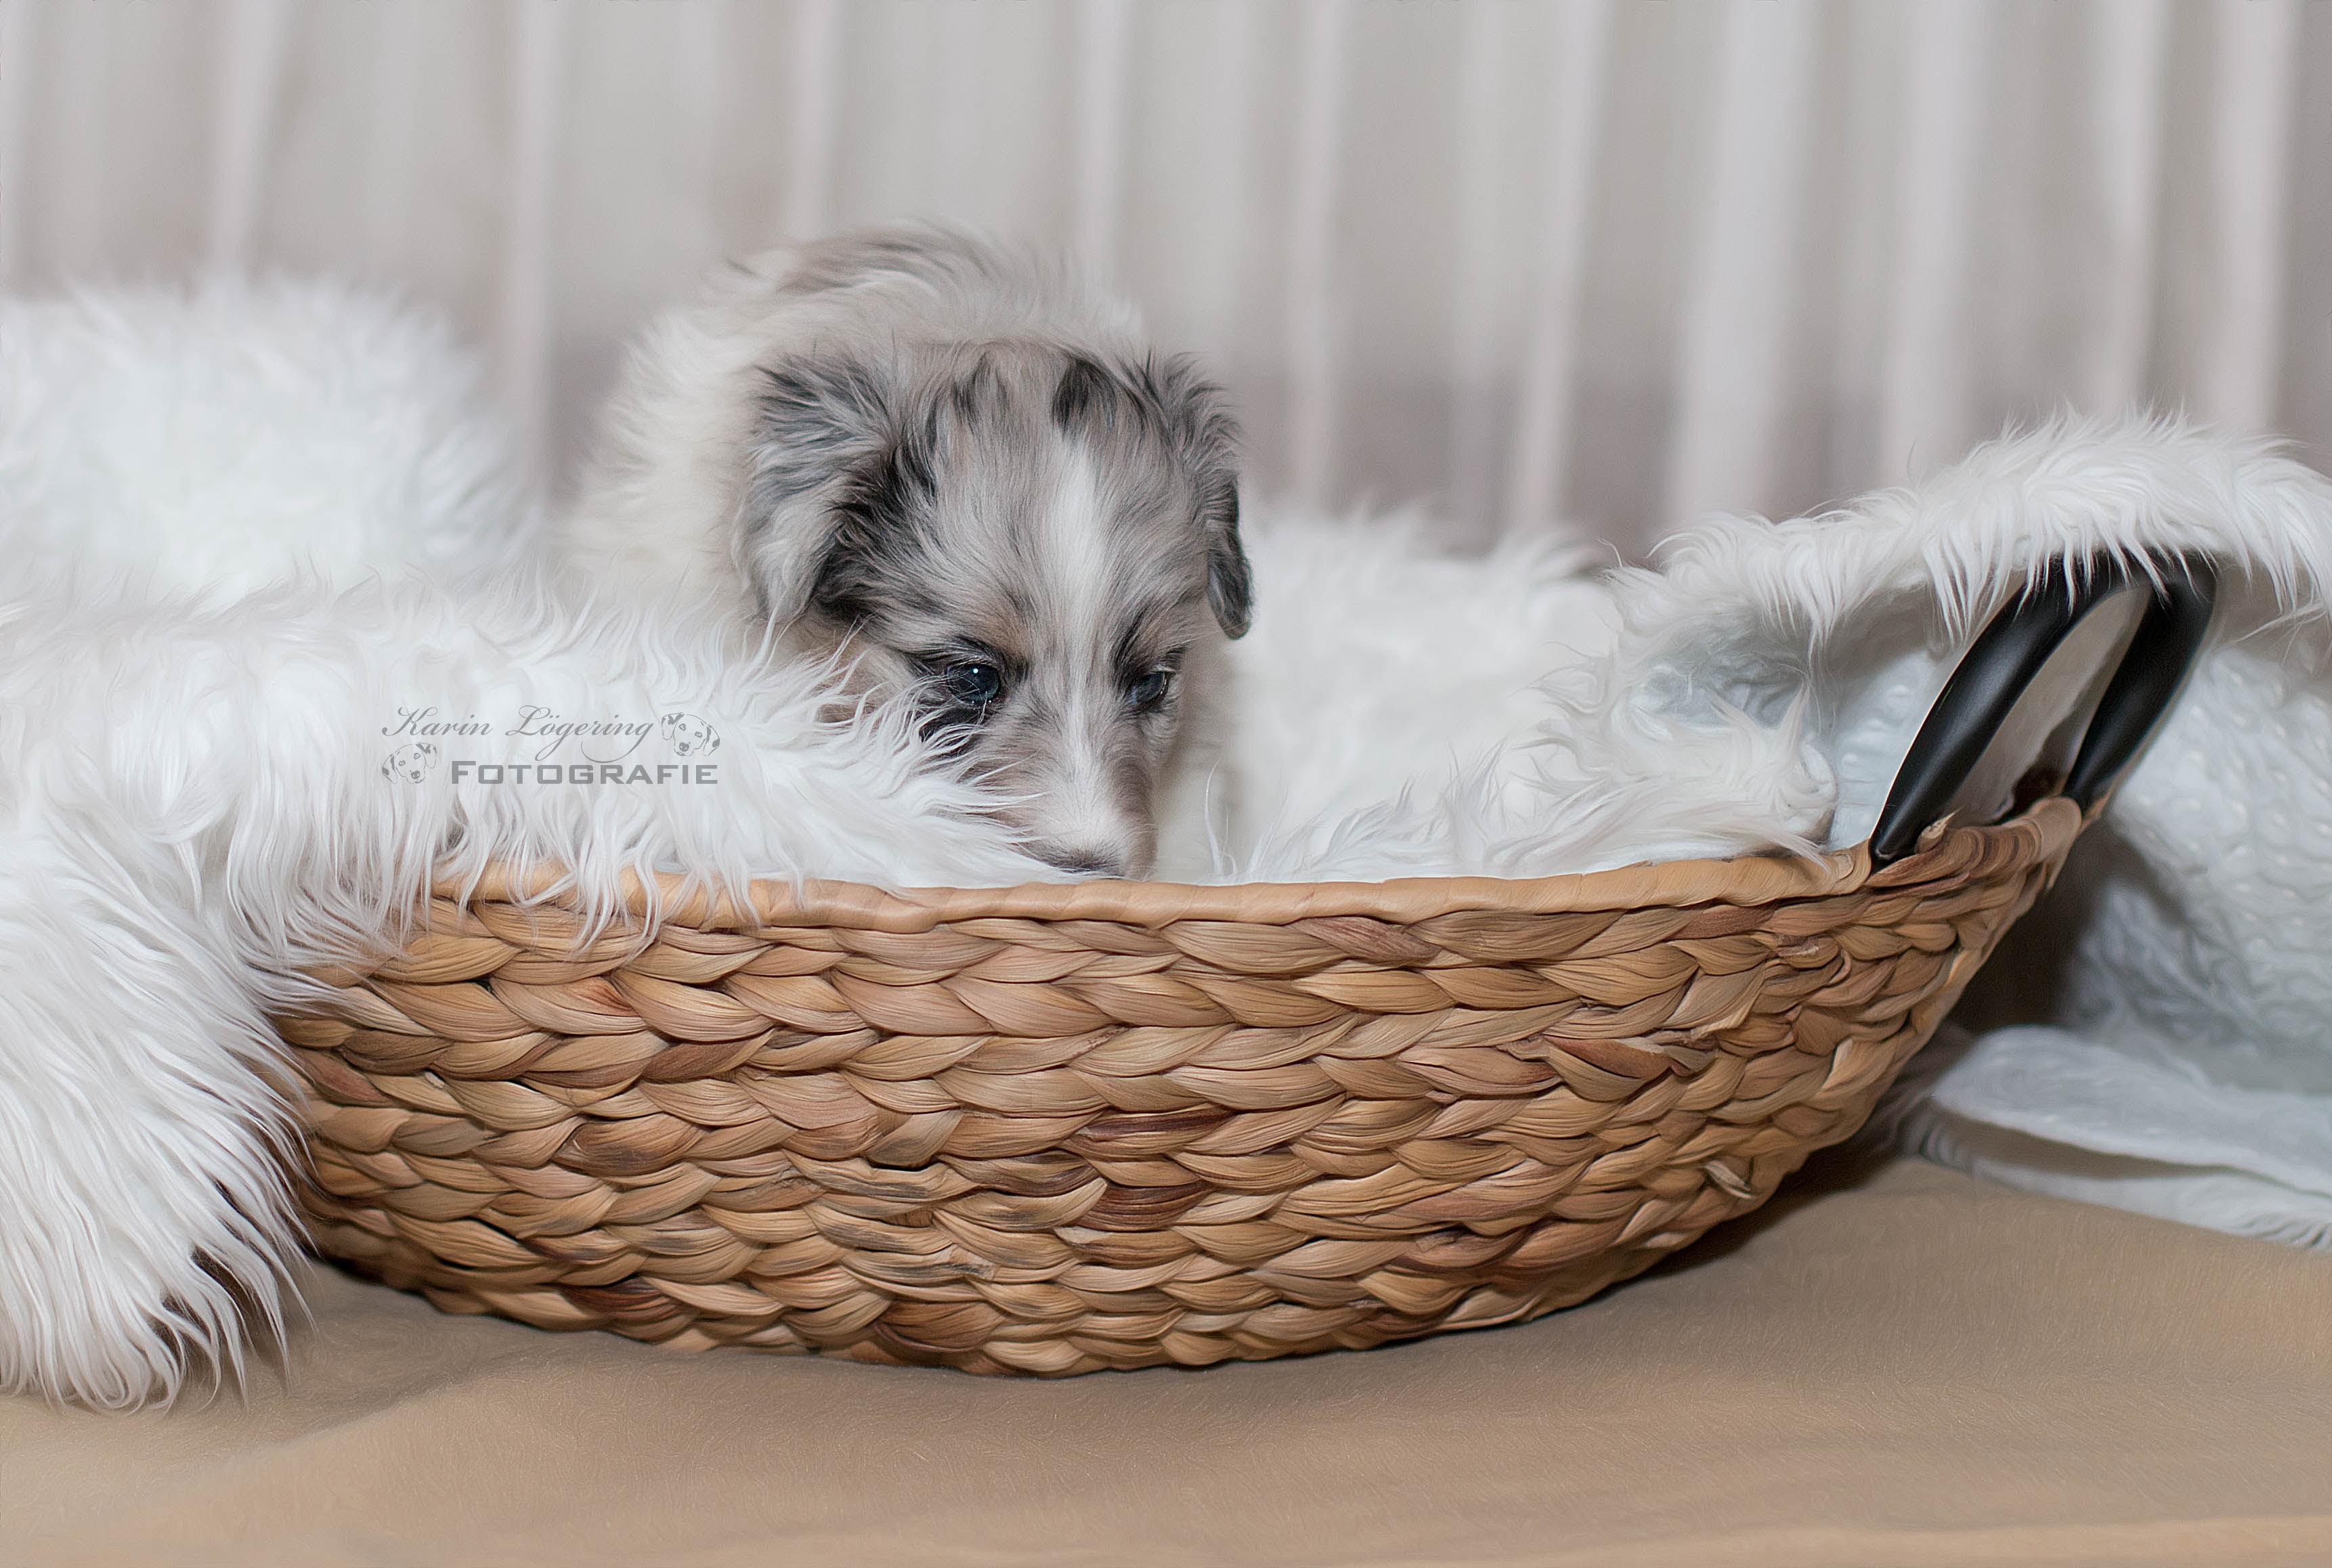 Gipsy 5 Wochen alt